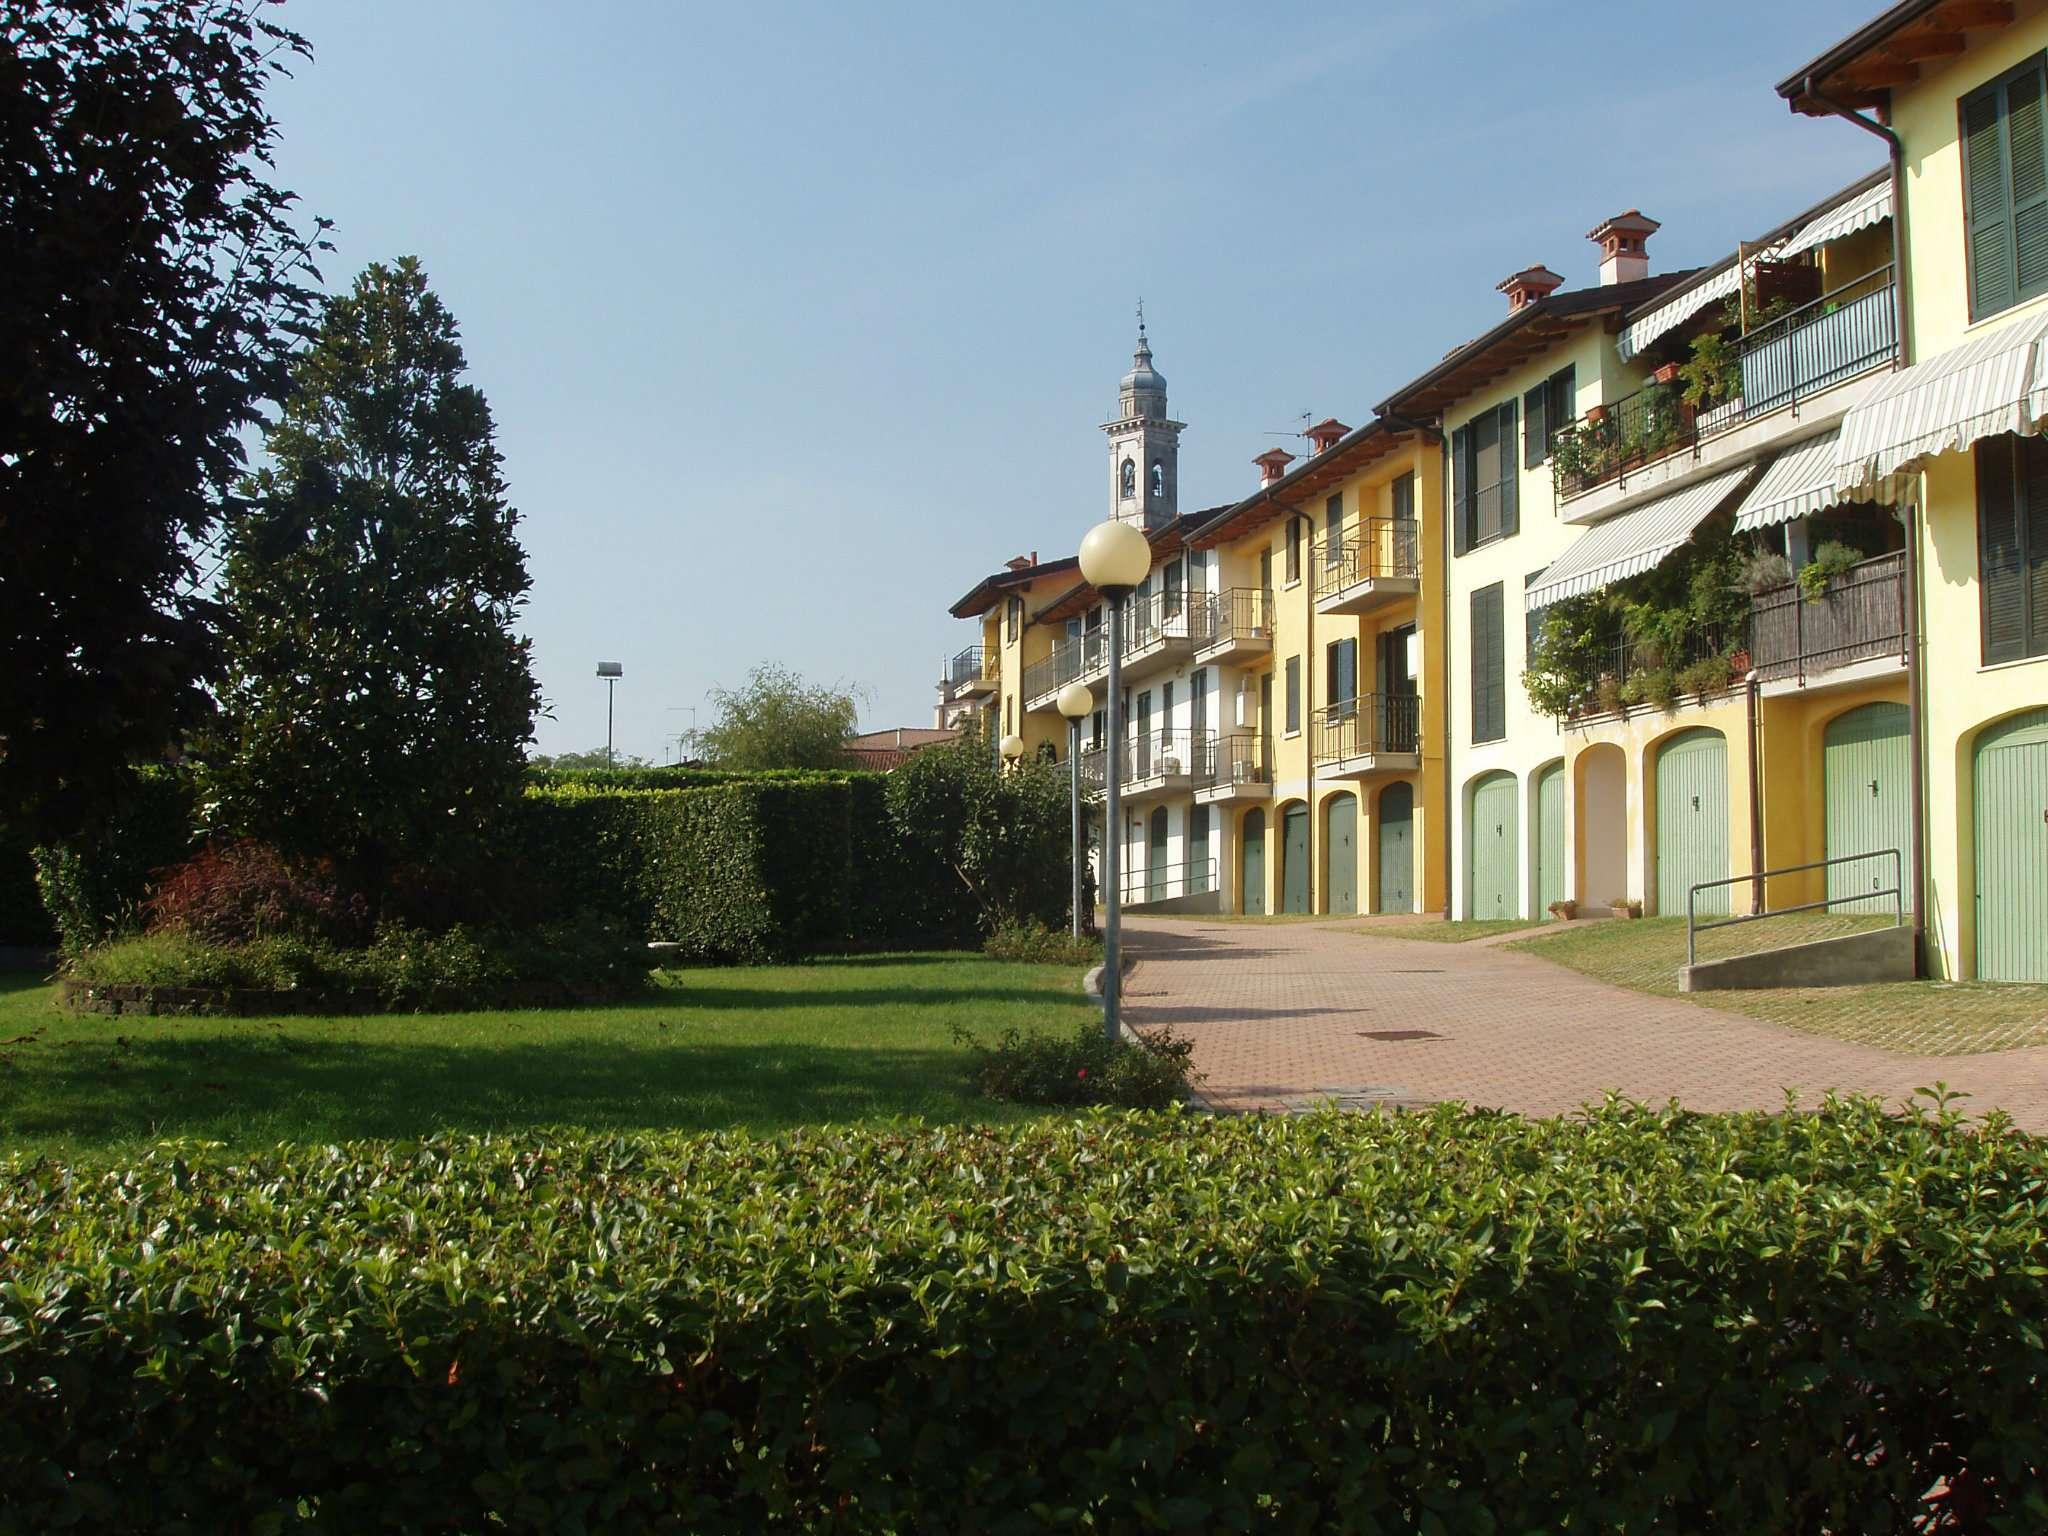 Appartamento in vendita a Capriano del Colle, 2 locali, prezzo € 95.000 | PortaleAgenzieImmobiliari.it